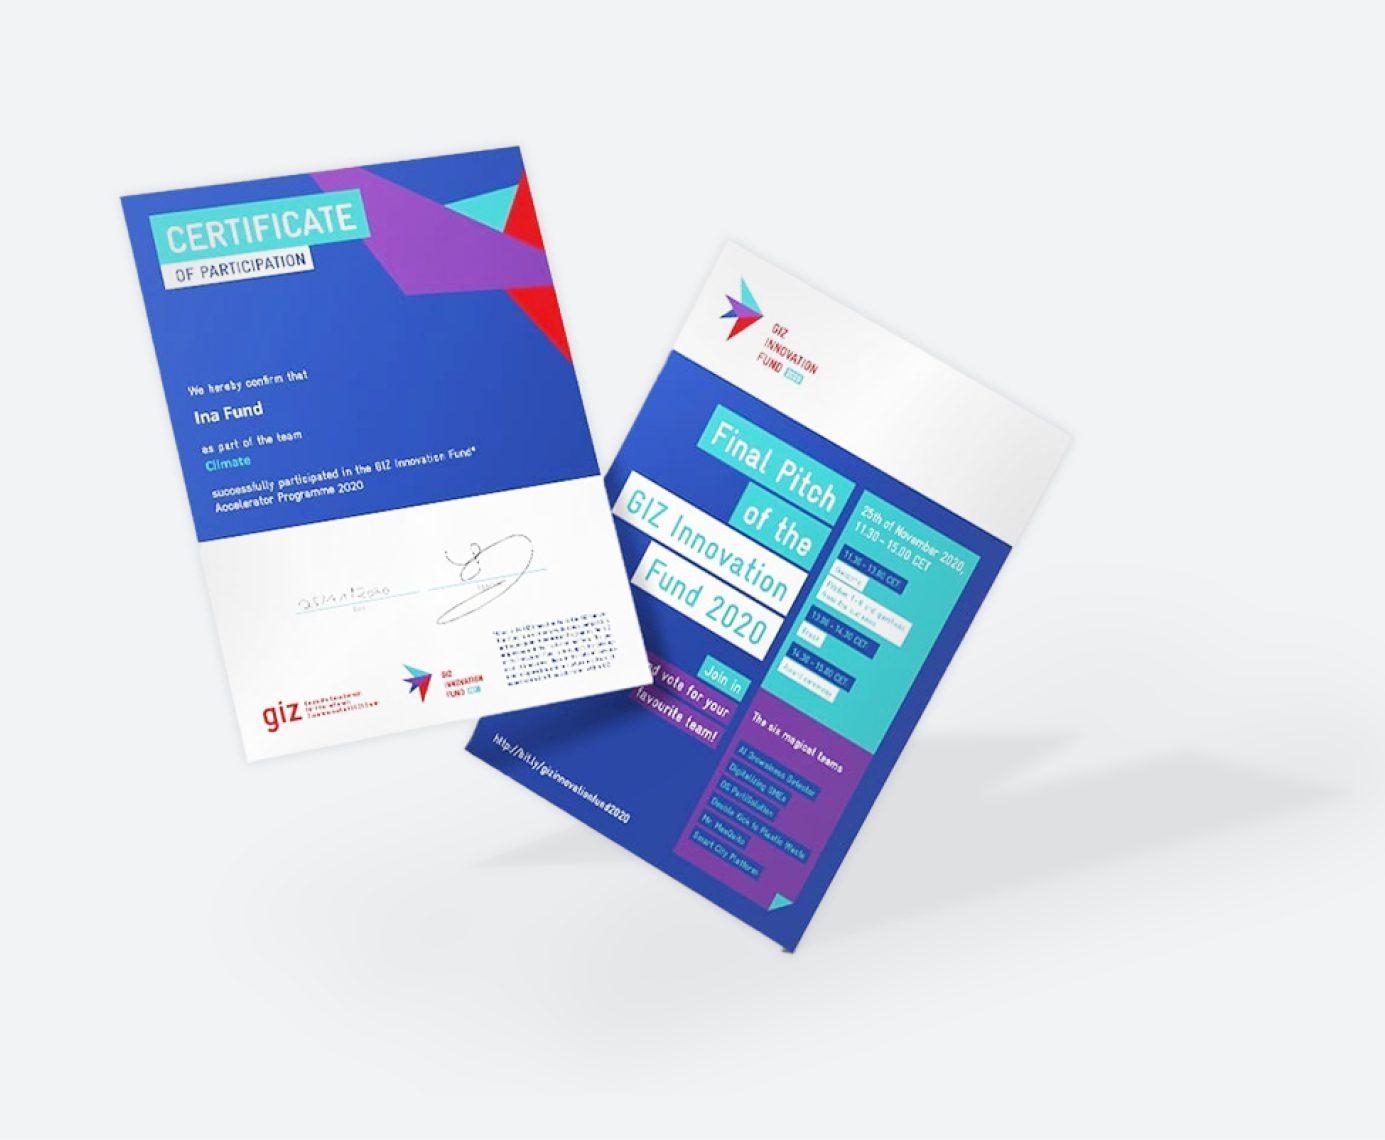 GIZ // Begleitung des Innovation Fund 11